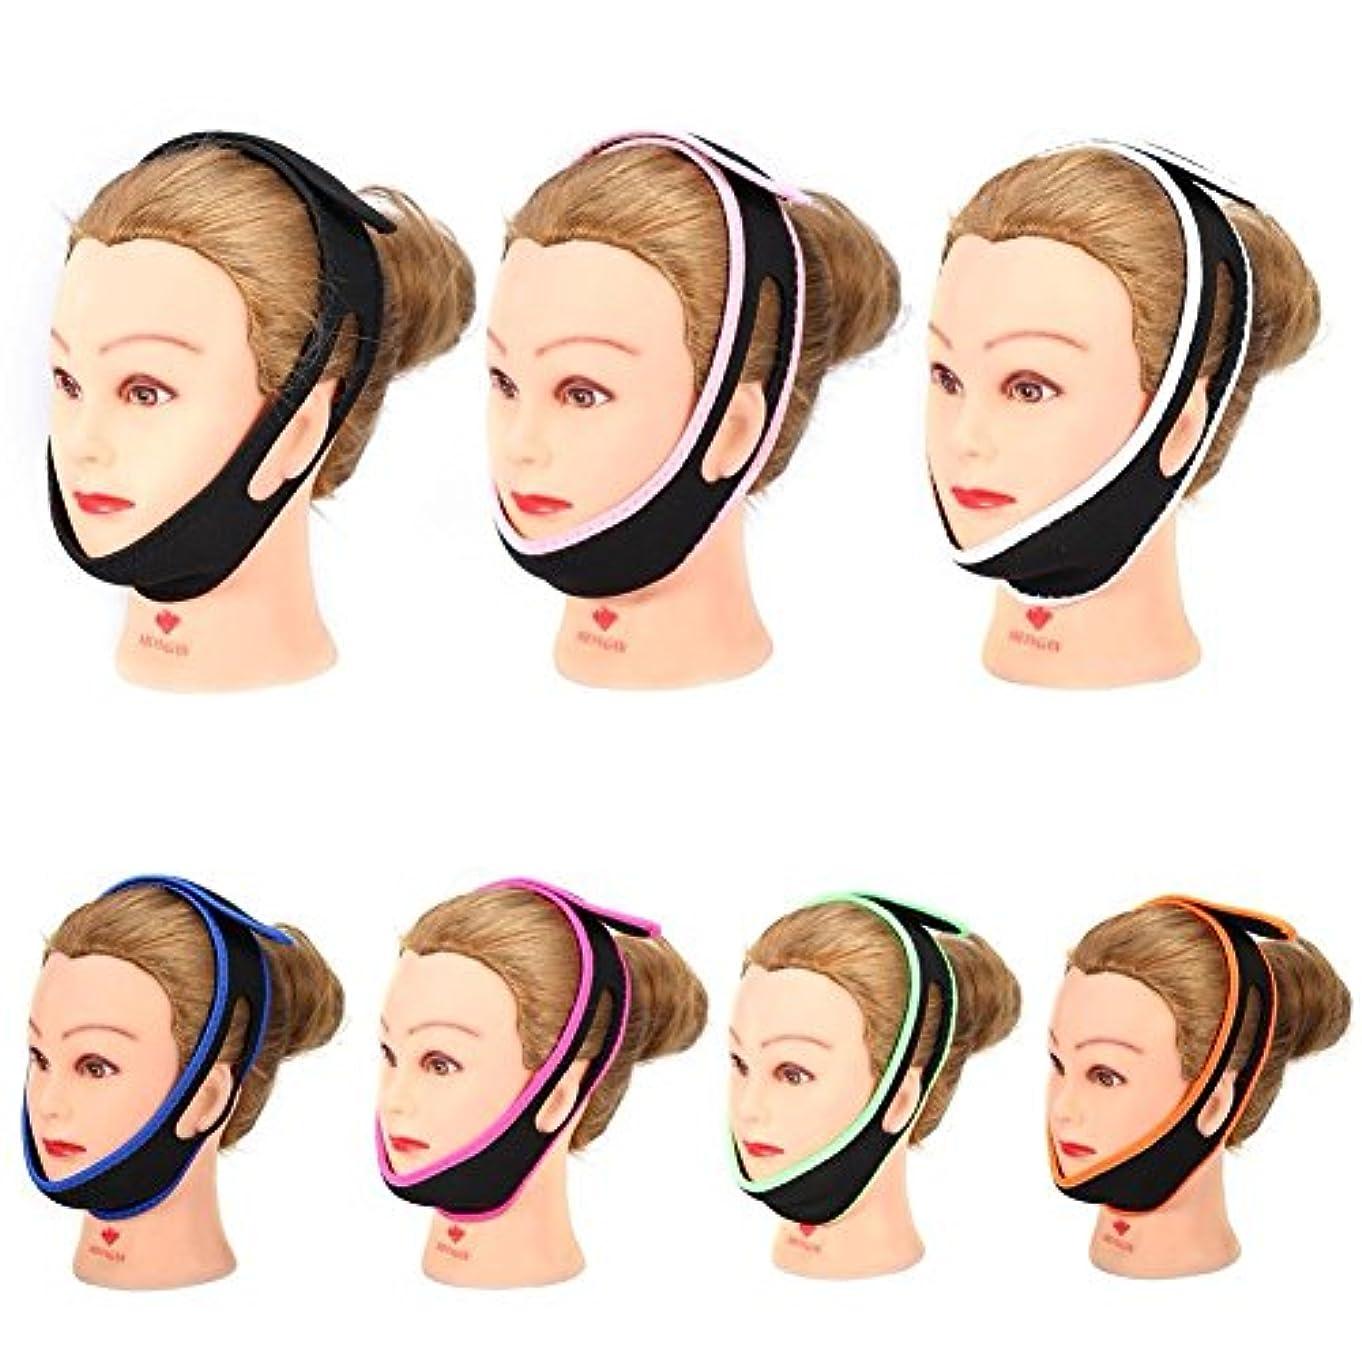 追加する延ばす計画的あごストラップベルト繊細なフェイスリフト7色あごサポートストラップスリムマッサージャー睡眠防止いびきヘッドバンドサポート,White